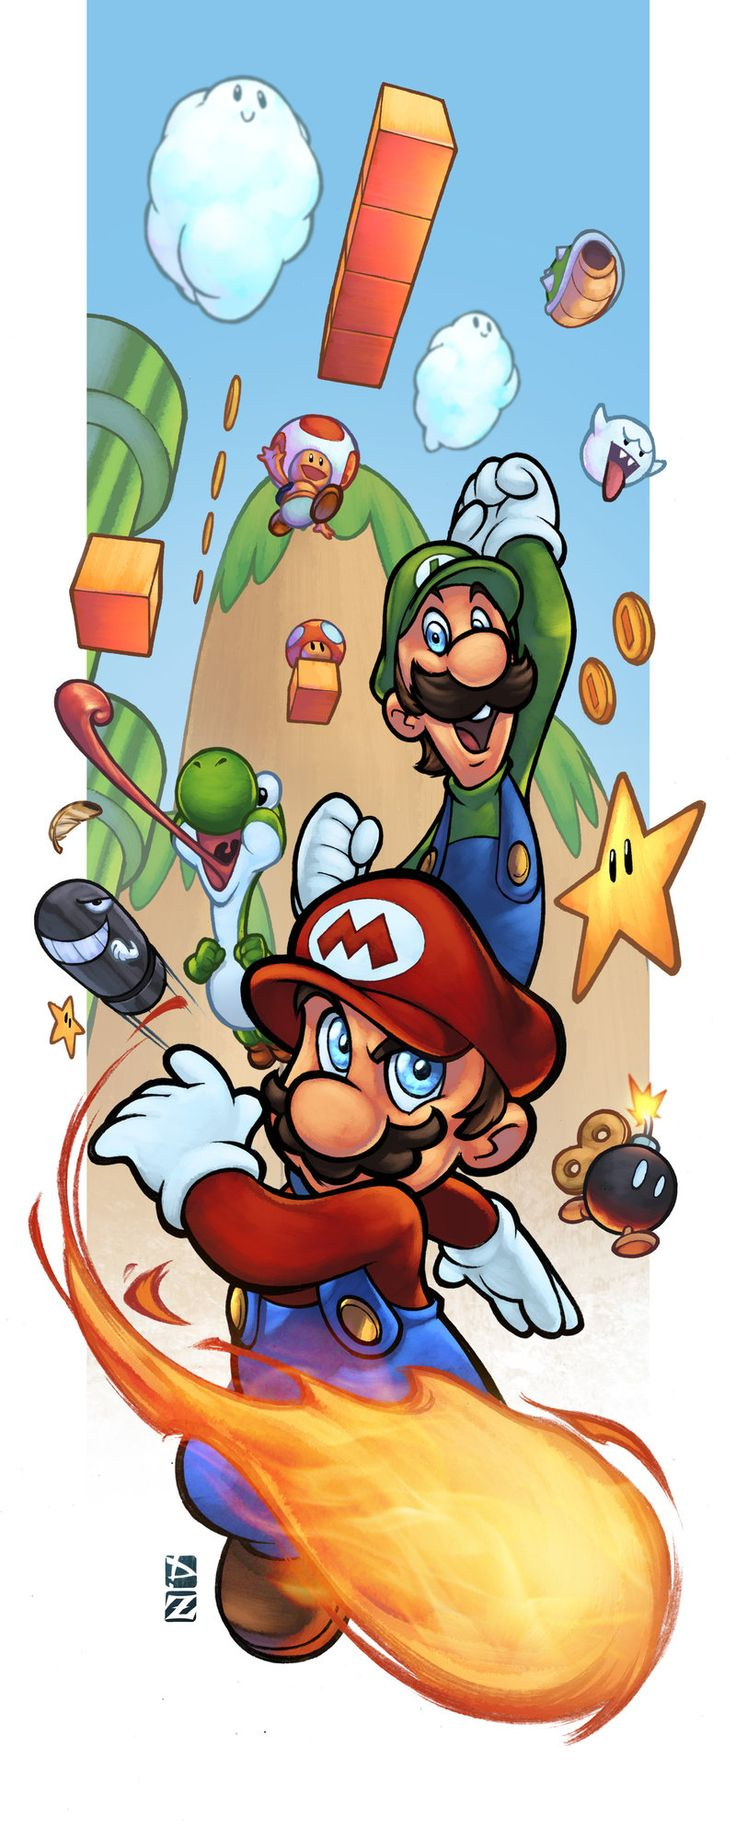 Super Mario Bros!